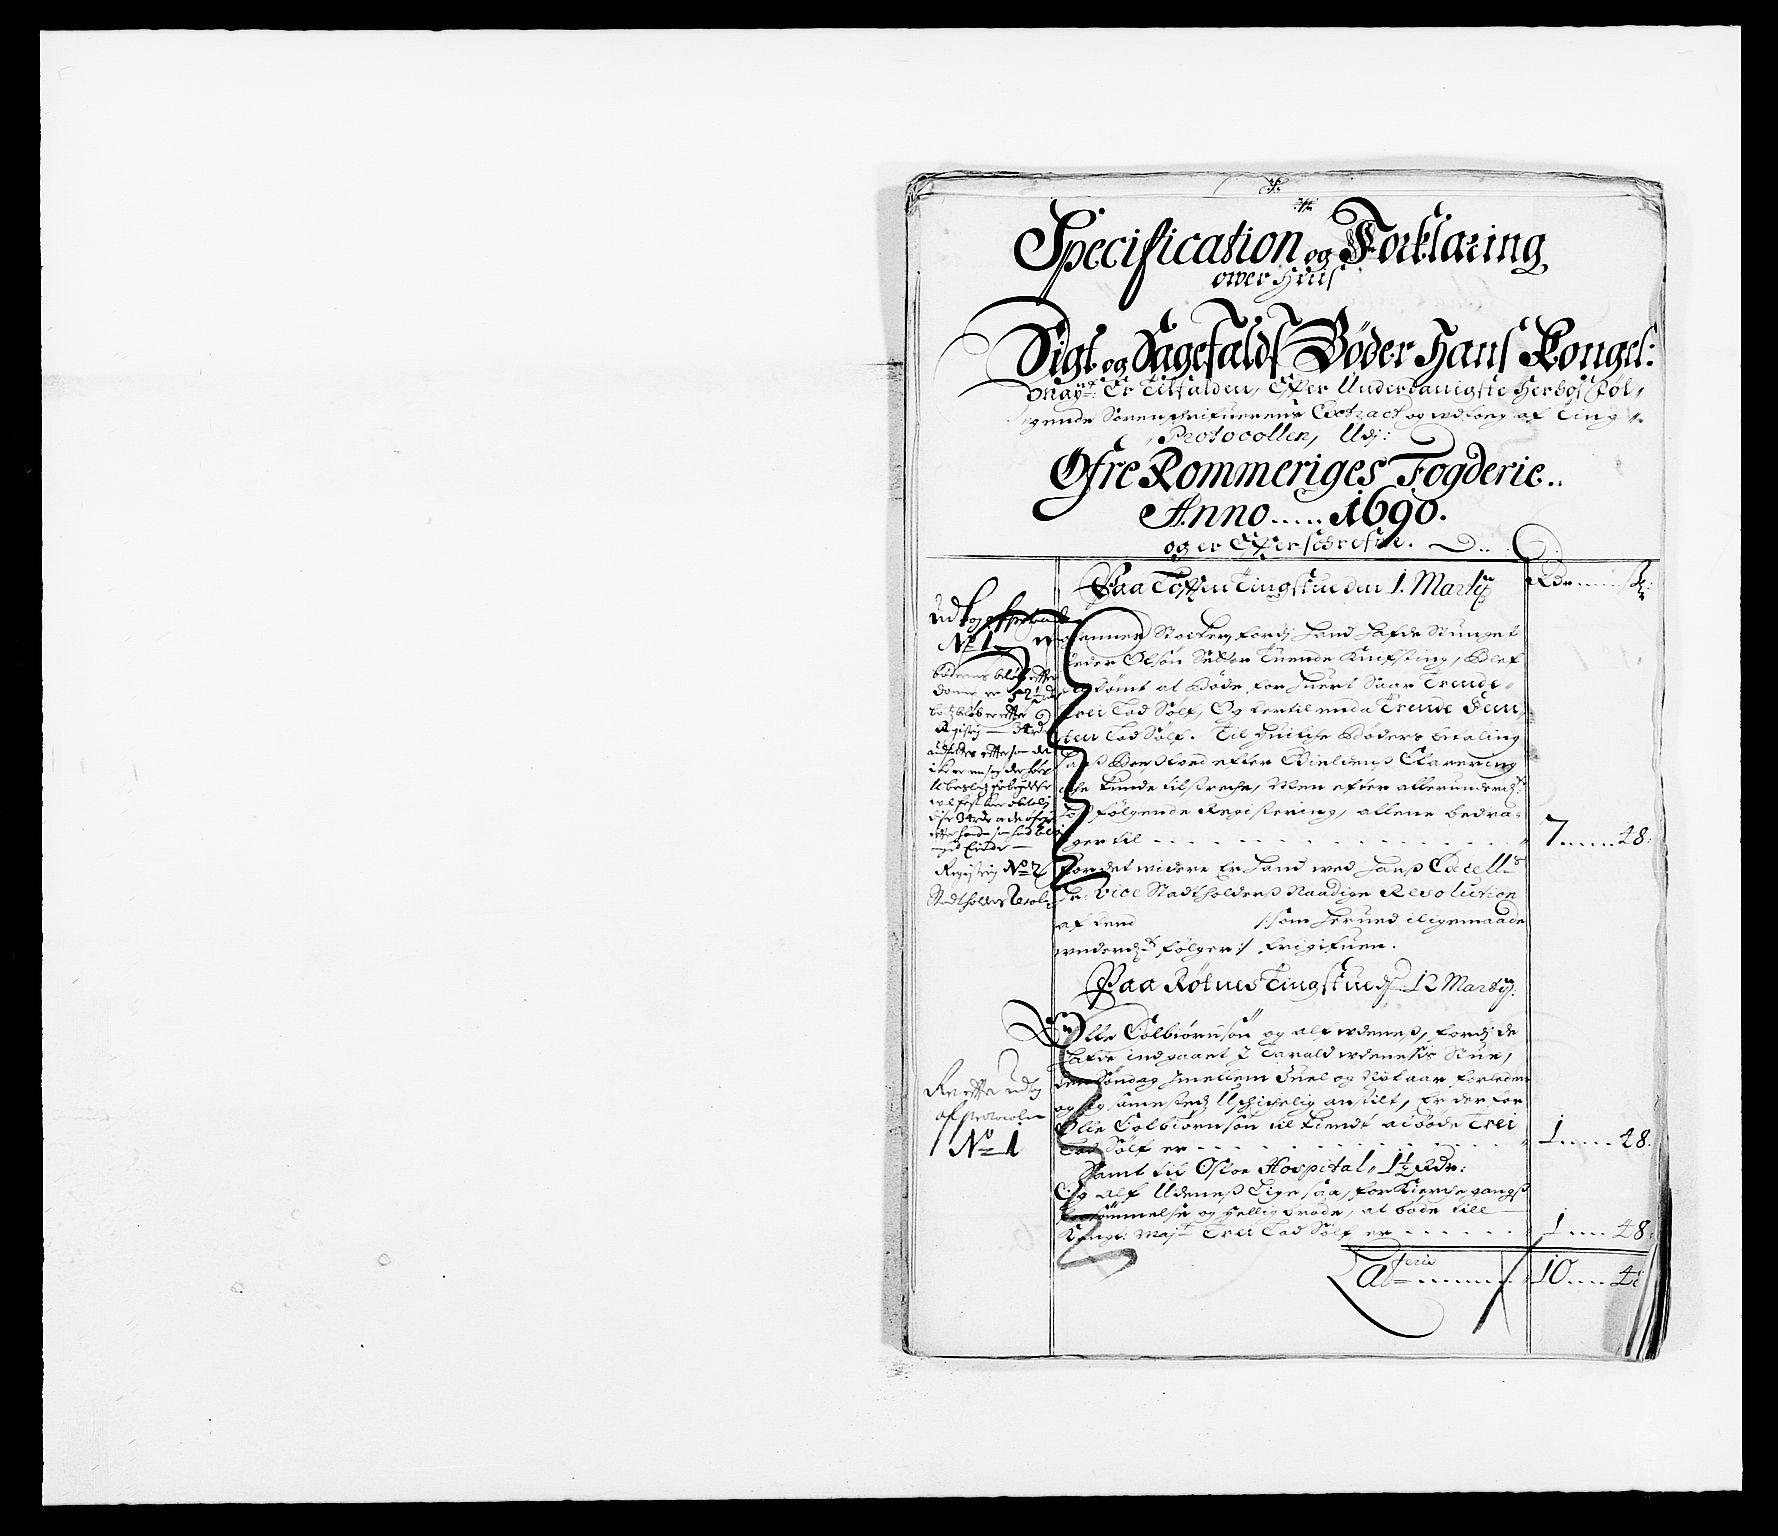 RA, Rentekammeret inntil 1814, Reviderte regnskaper, Fogderegnskap, R12/L0702: Fogderegnskap Øvre Romerike, 1690, s. 51